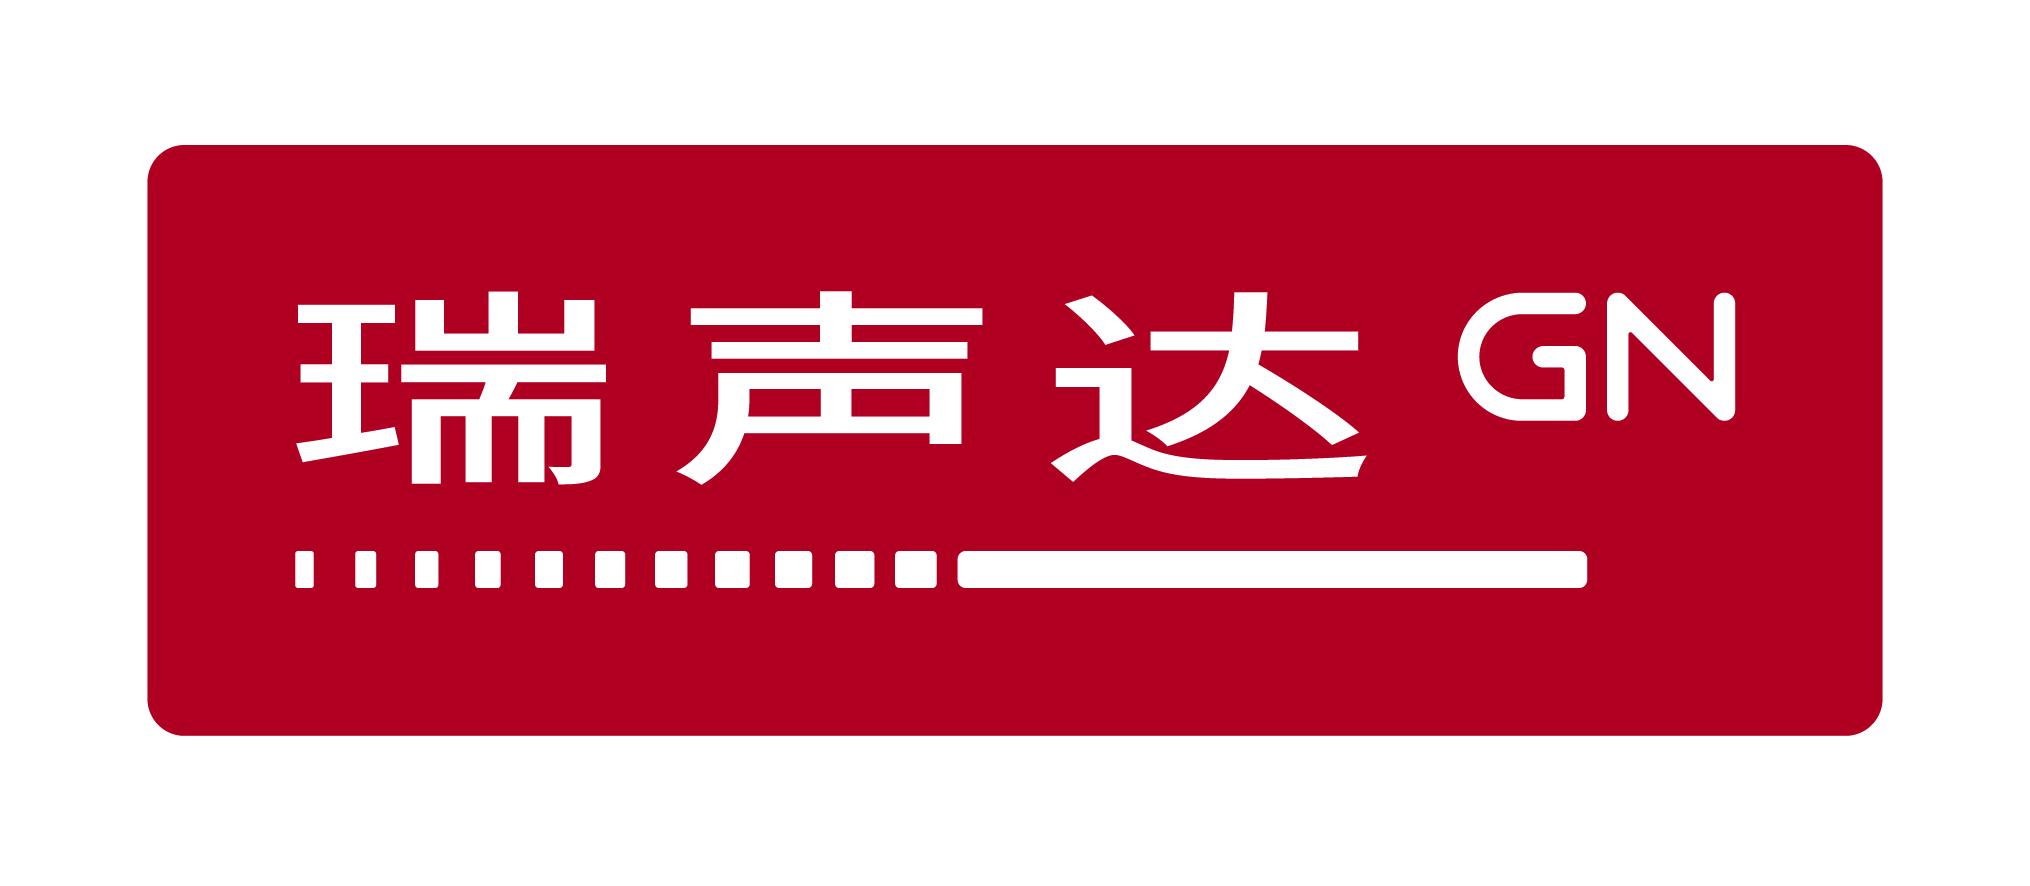 雷火官网-亚洲电竞先驱-2018中国国际福祉博览会暨中国国际雷火官网博览会